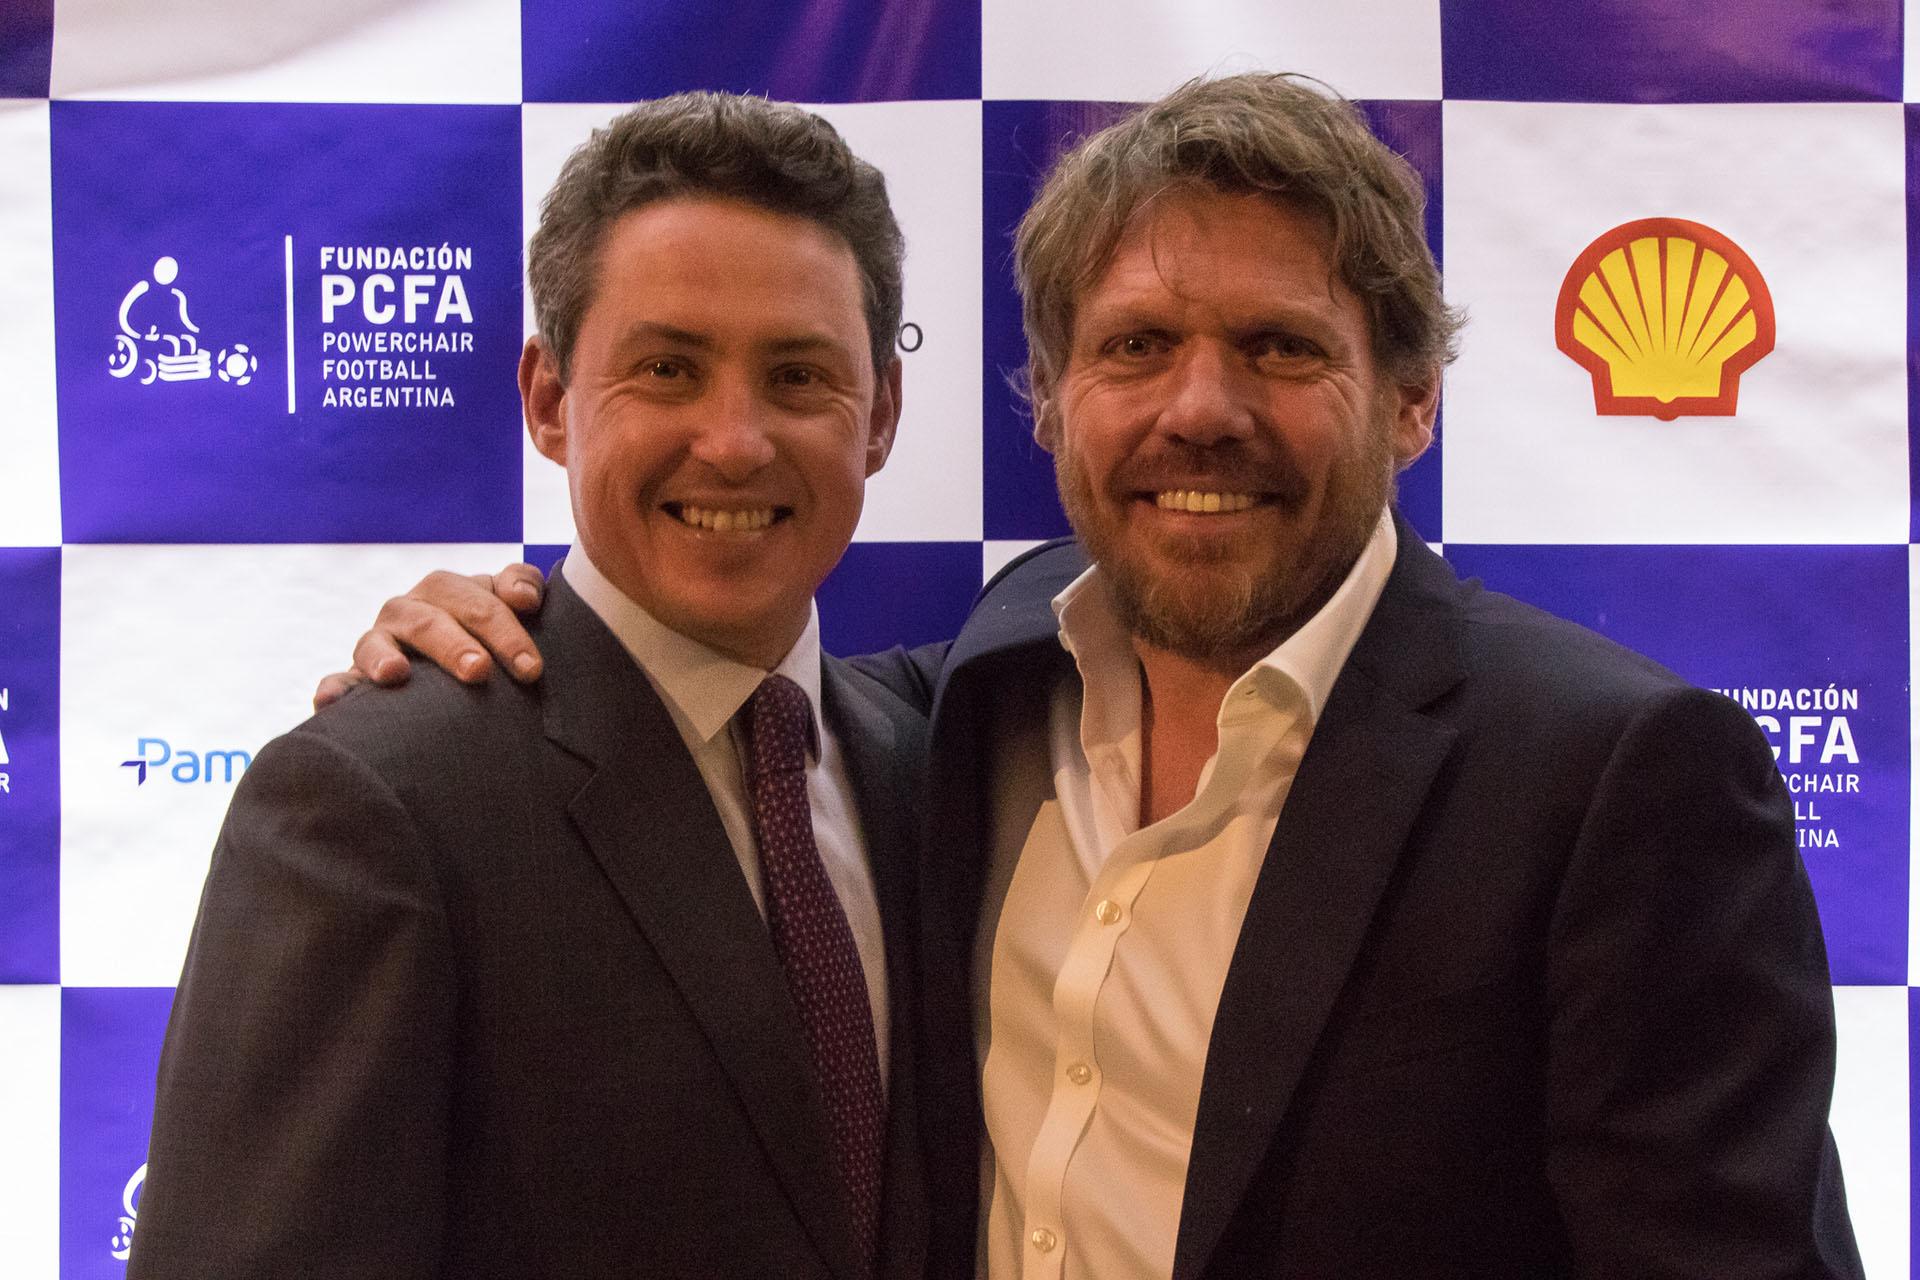 El ex embajador de los Estados Unidos en la Argentina, Noah Mamet, junto a Mariano Zegarelli